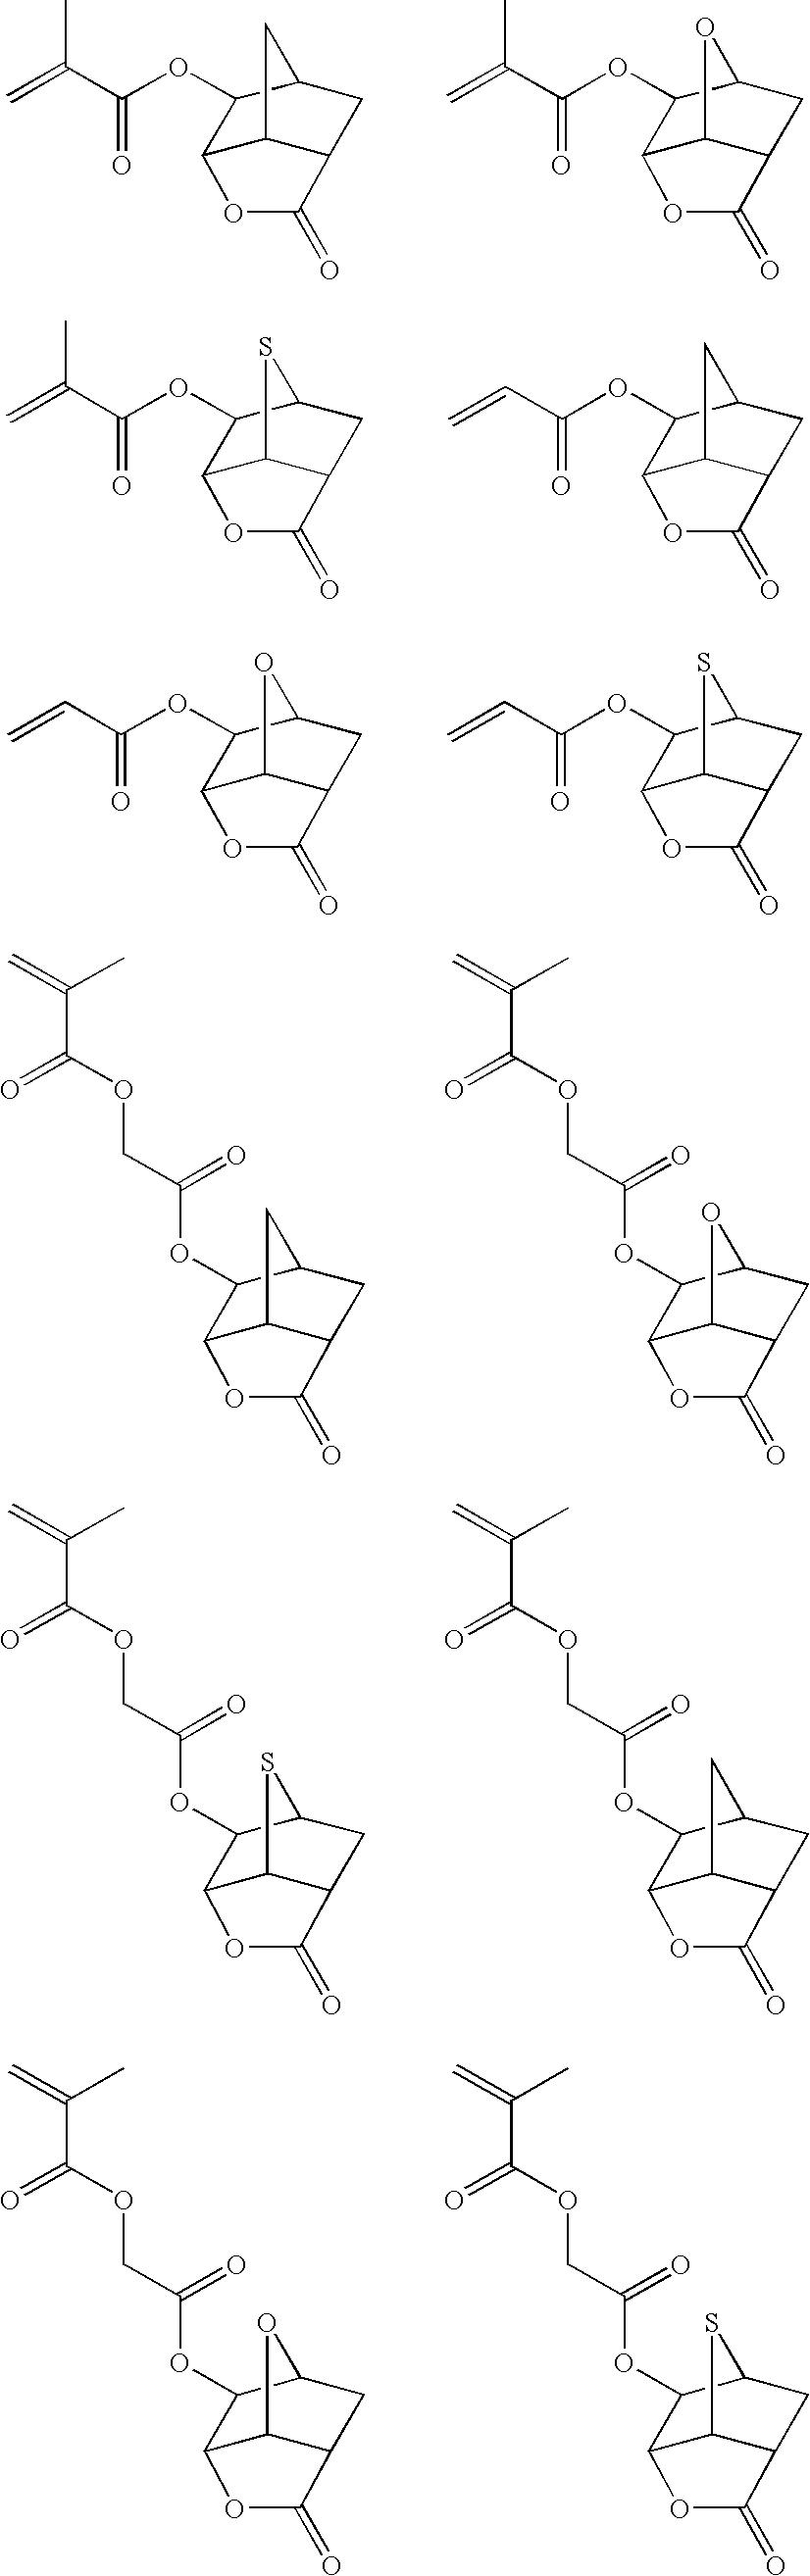 Figure US20100323296A1-20101223-C00037